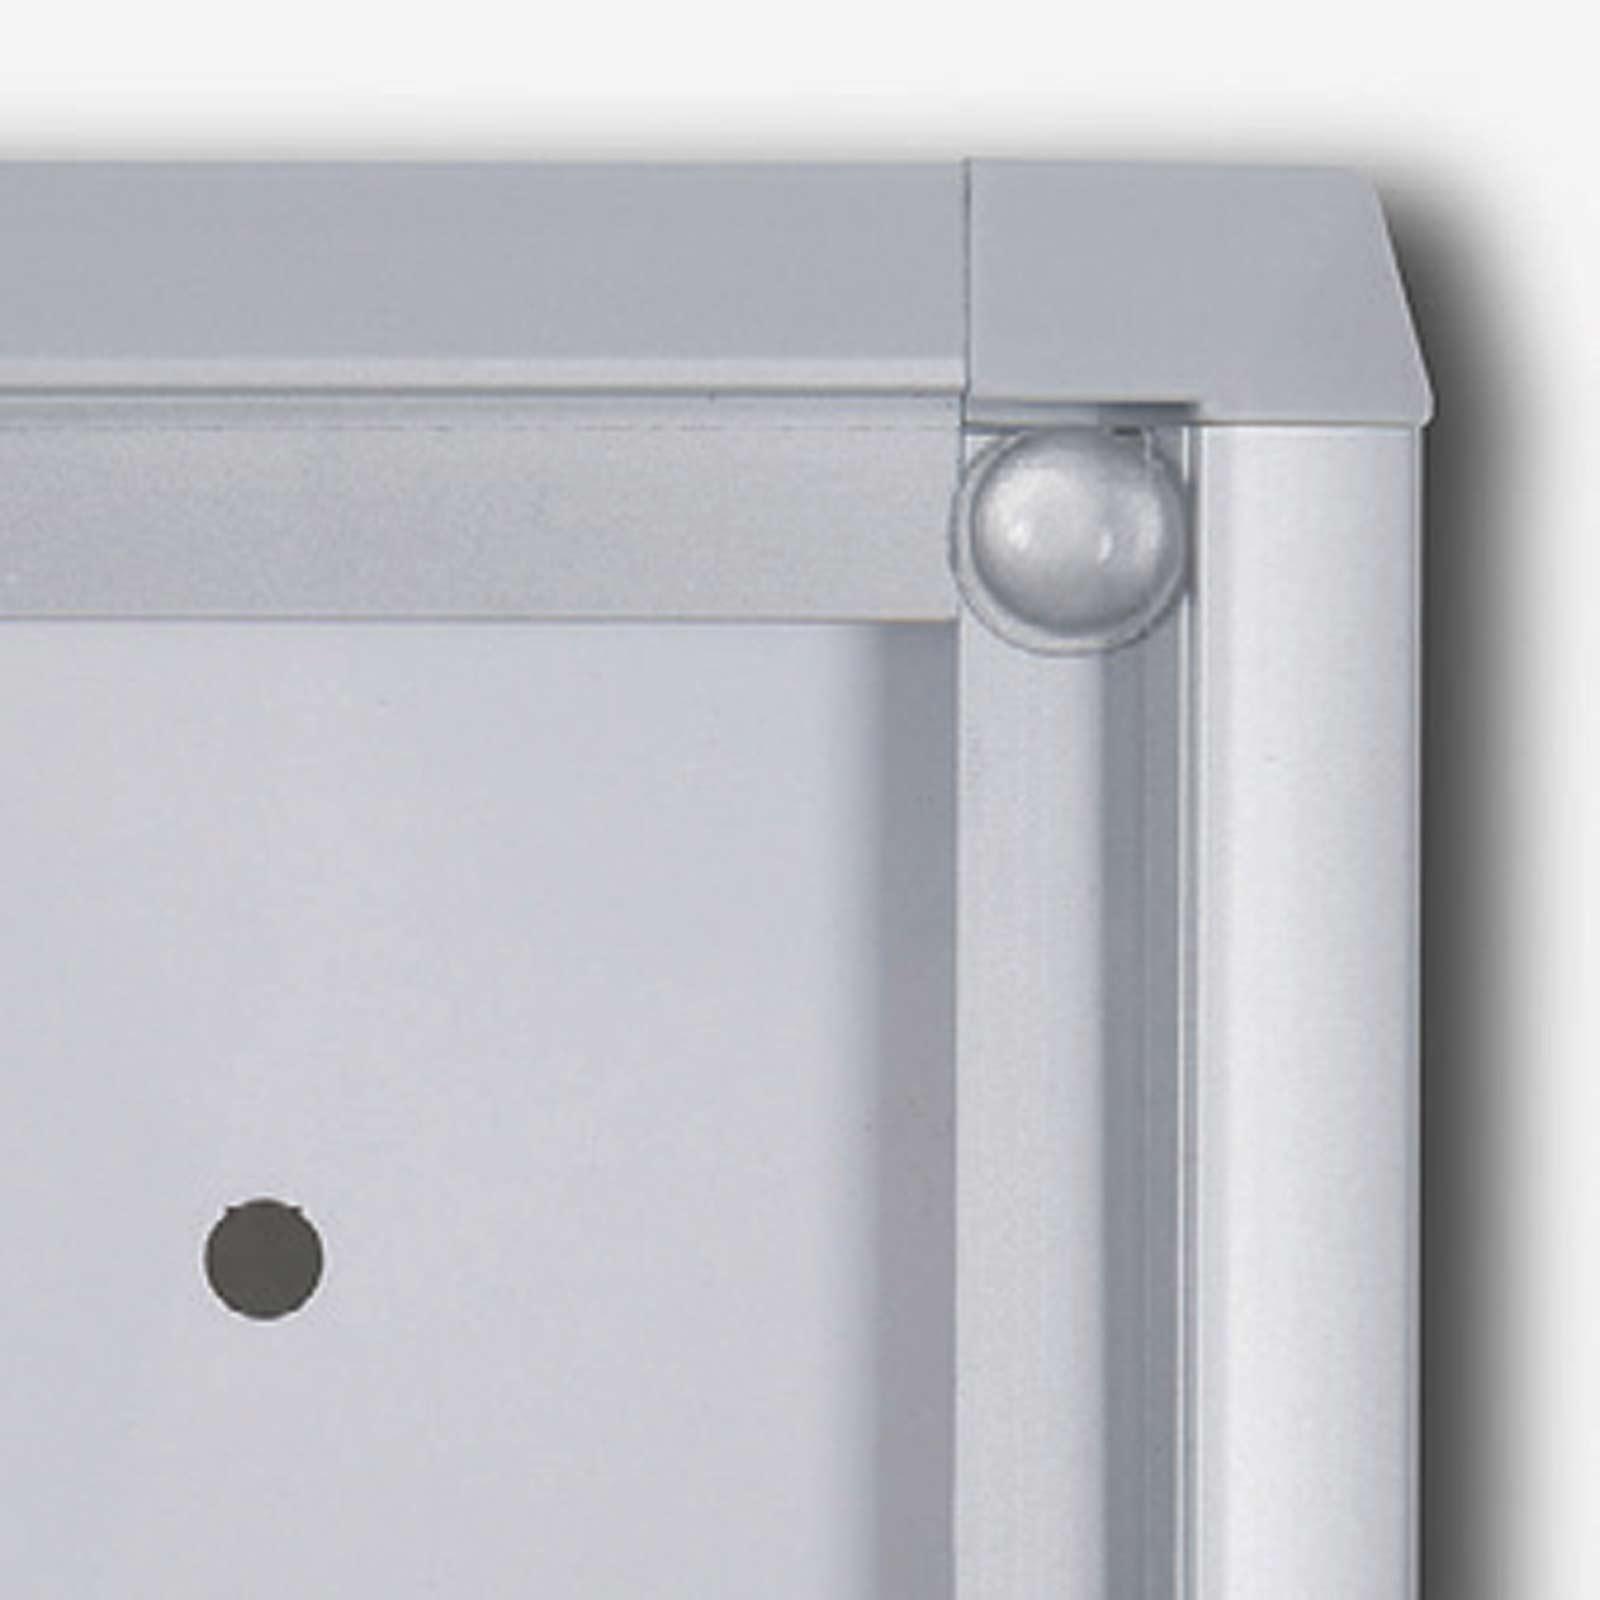 Infokasten Schaukasten in verschiedenen Größen Vitrine Innenschaukasten bis 8xA4